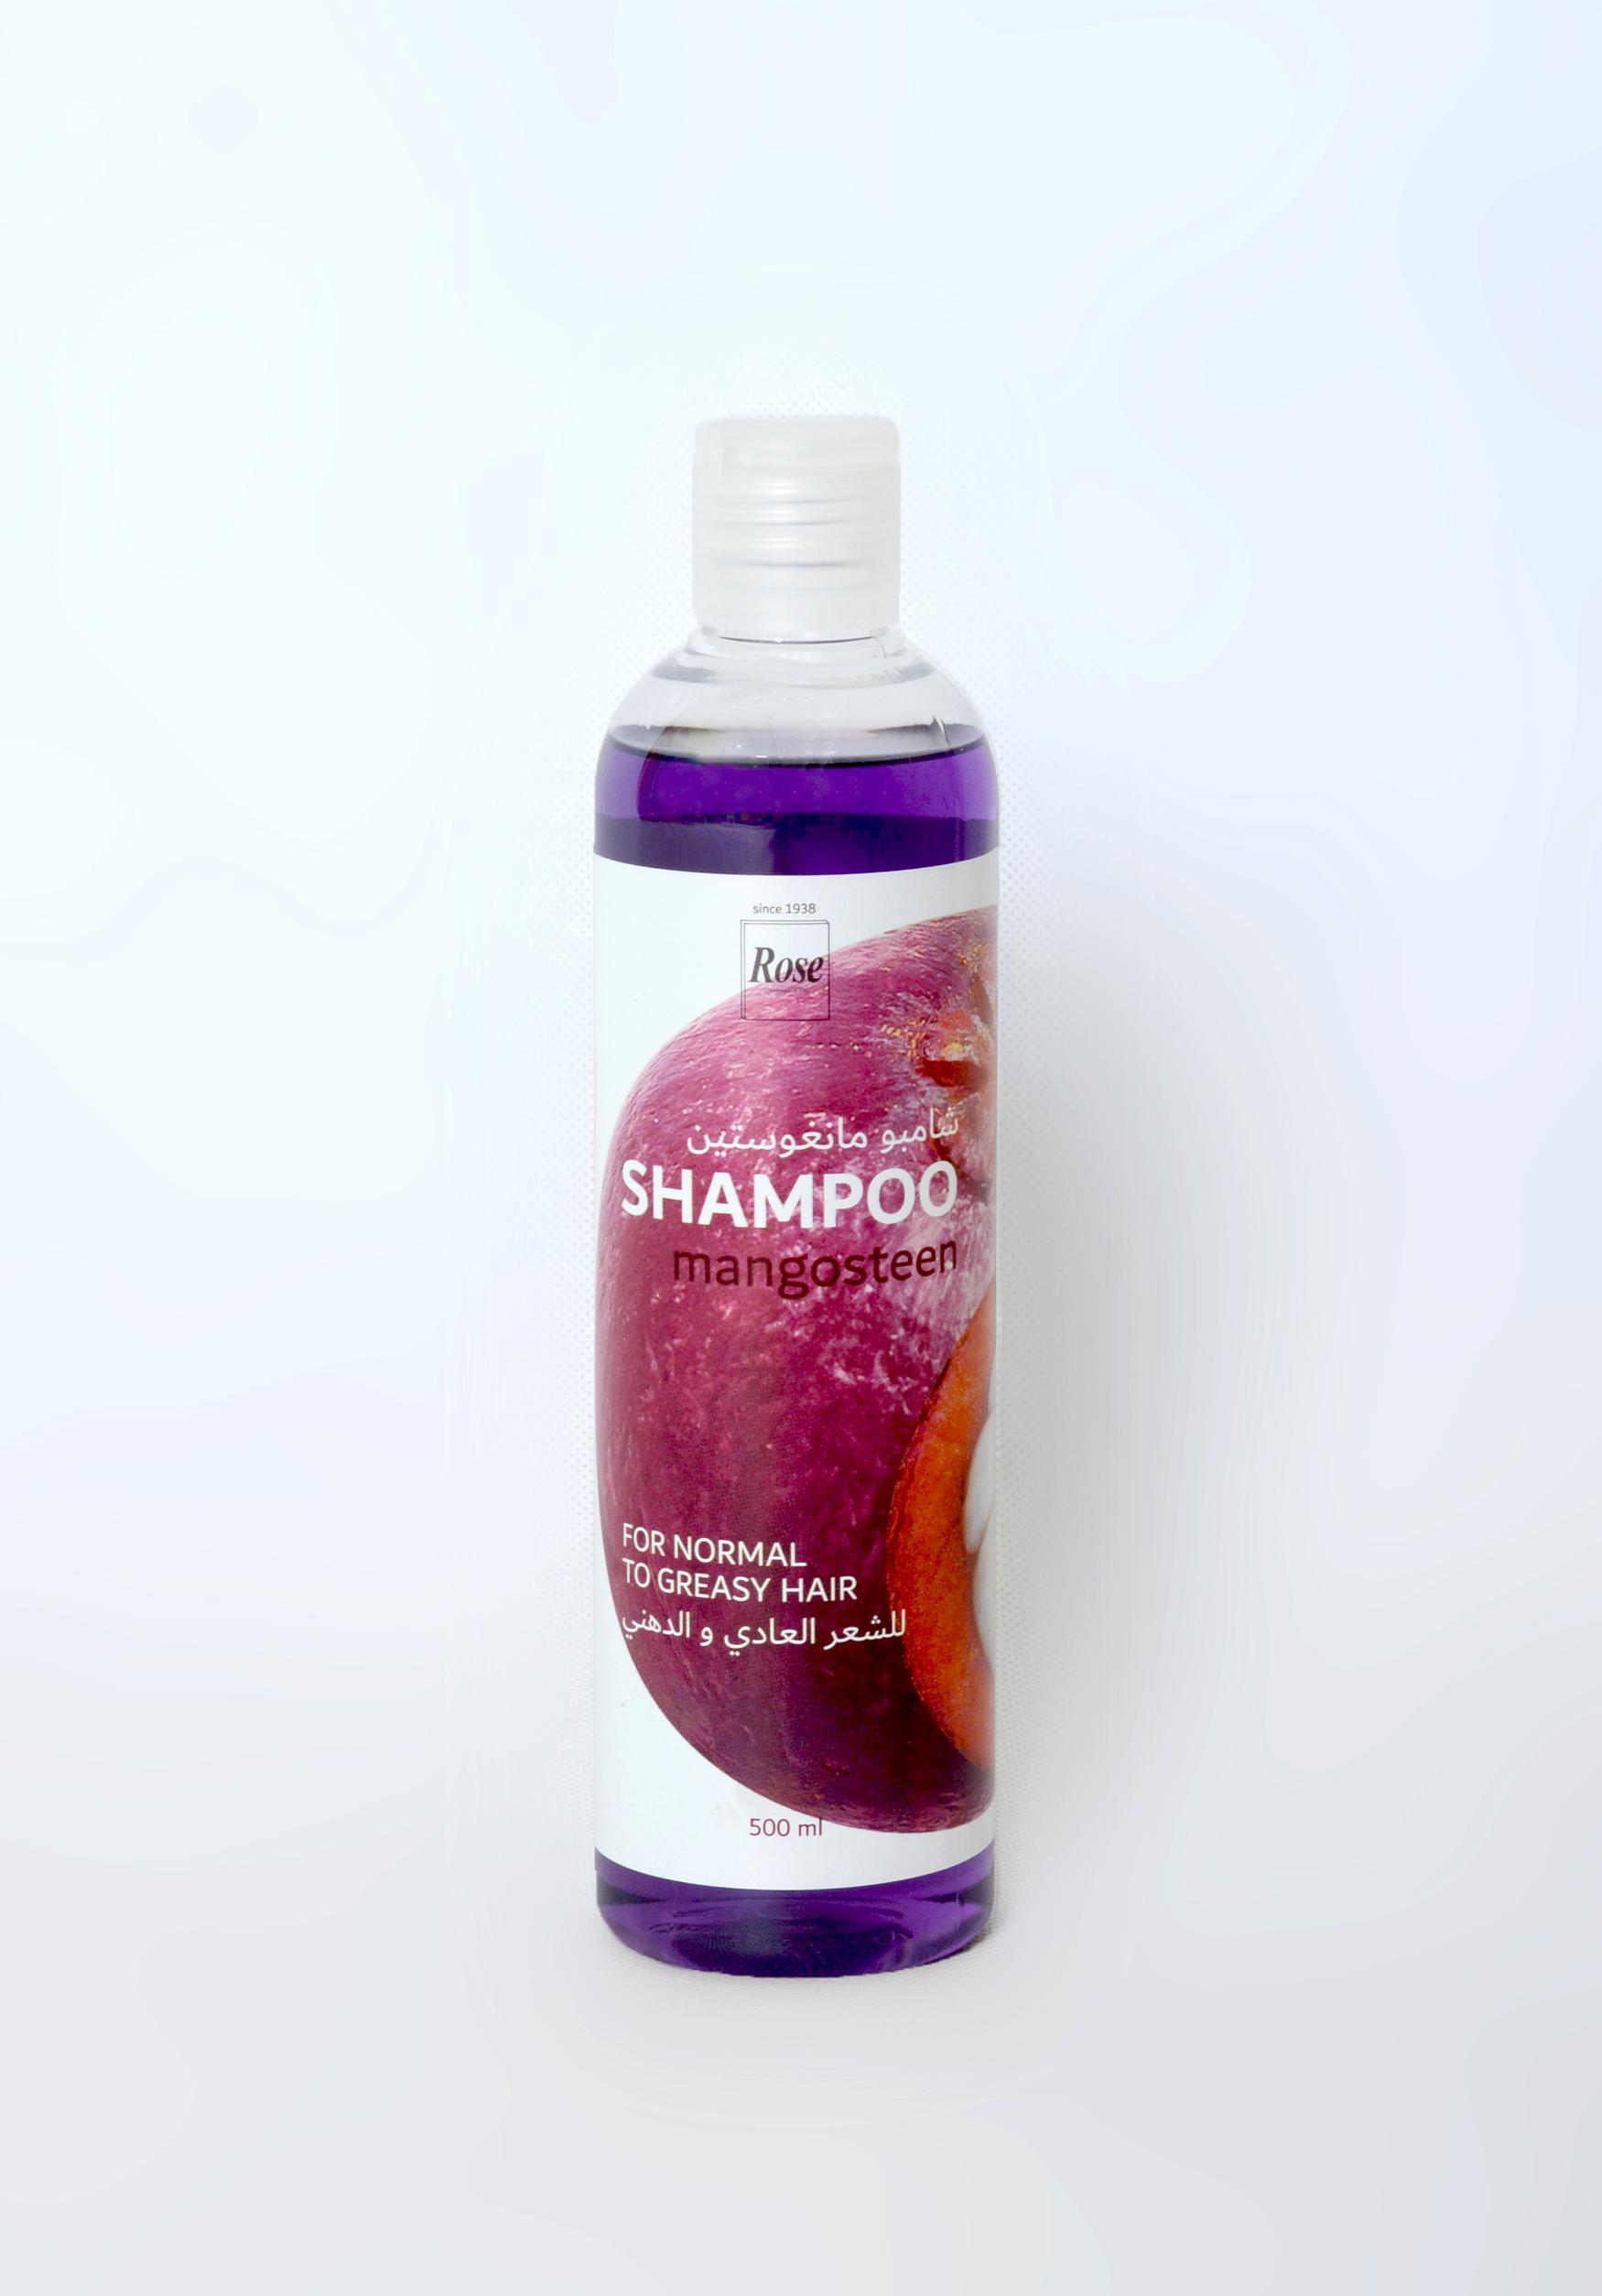 Mangostene Shampoo